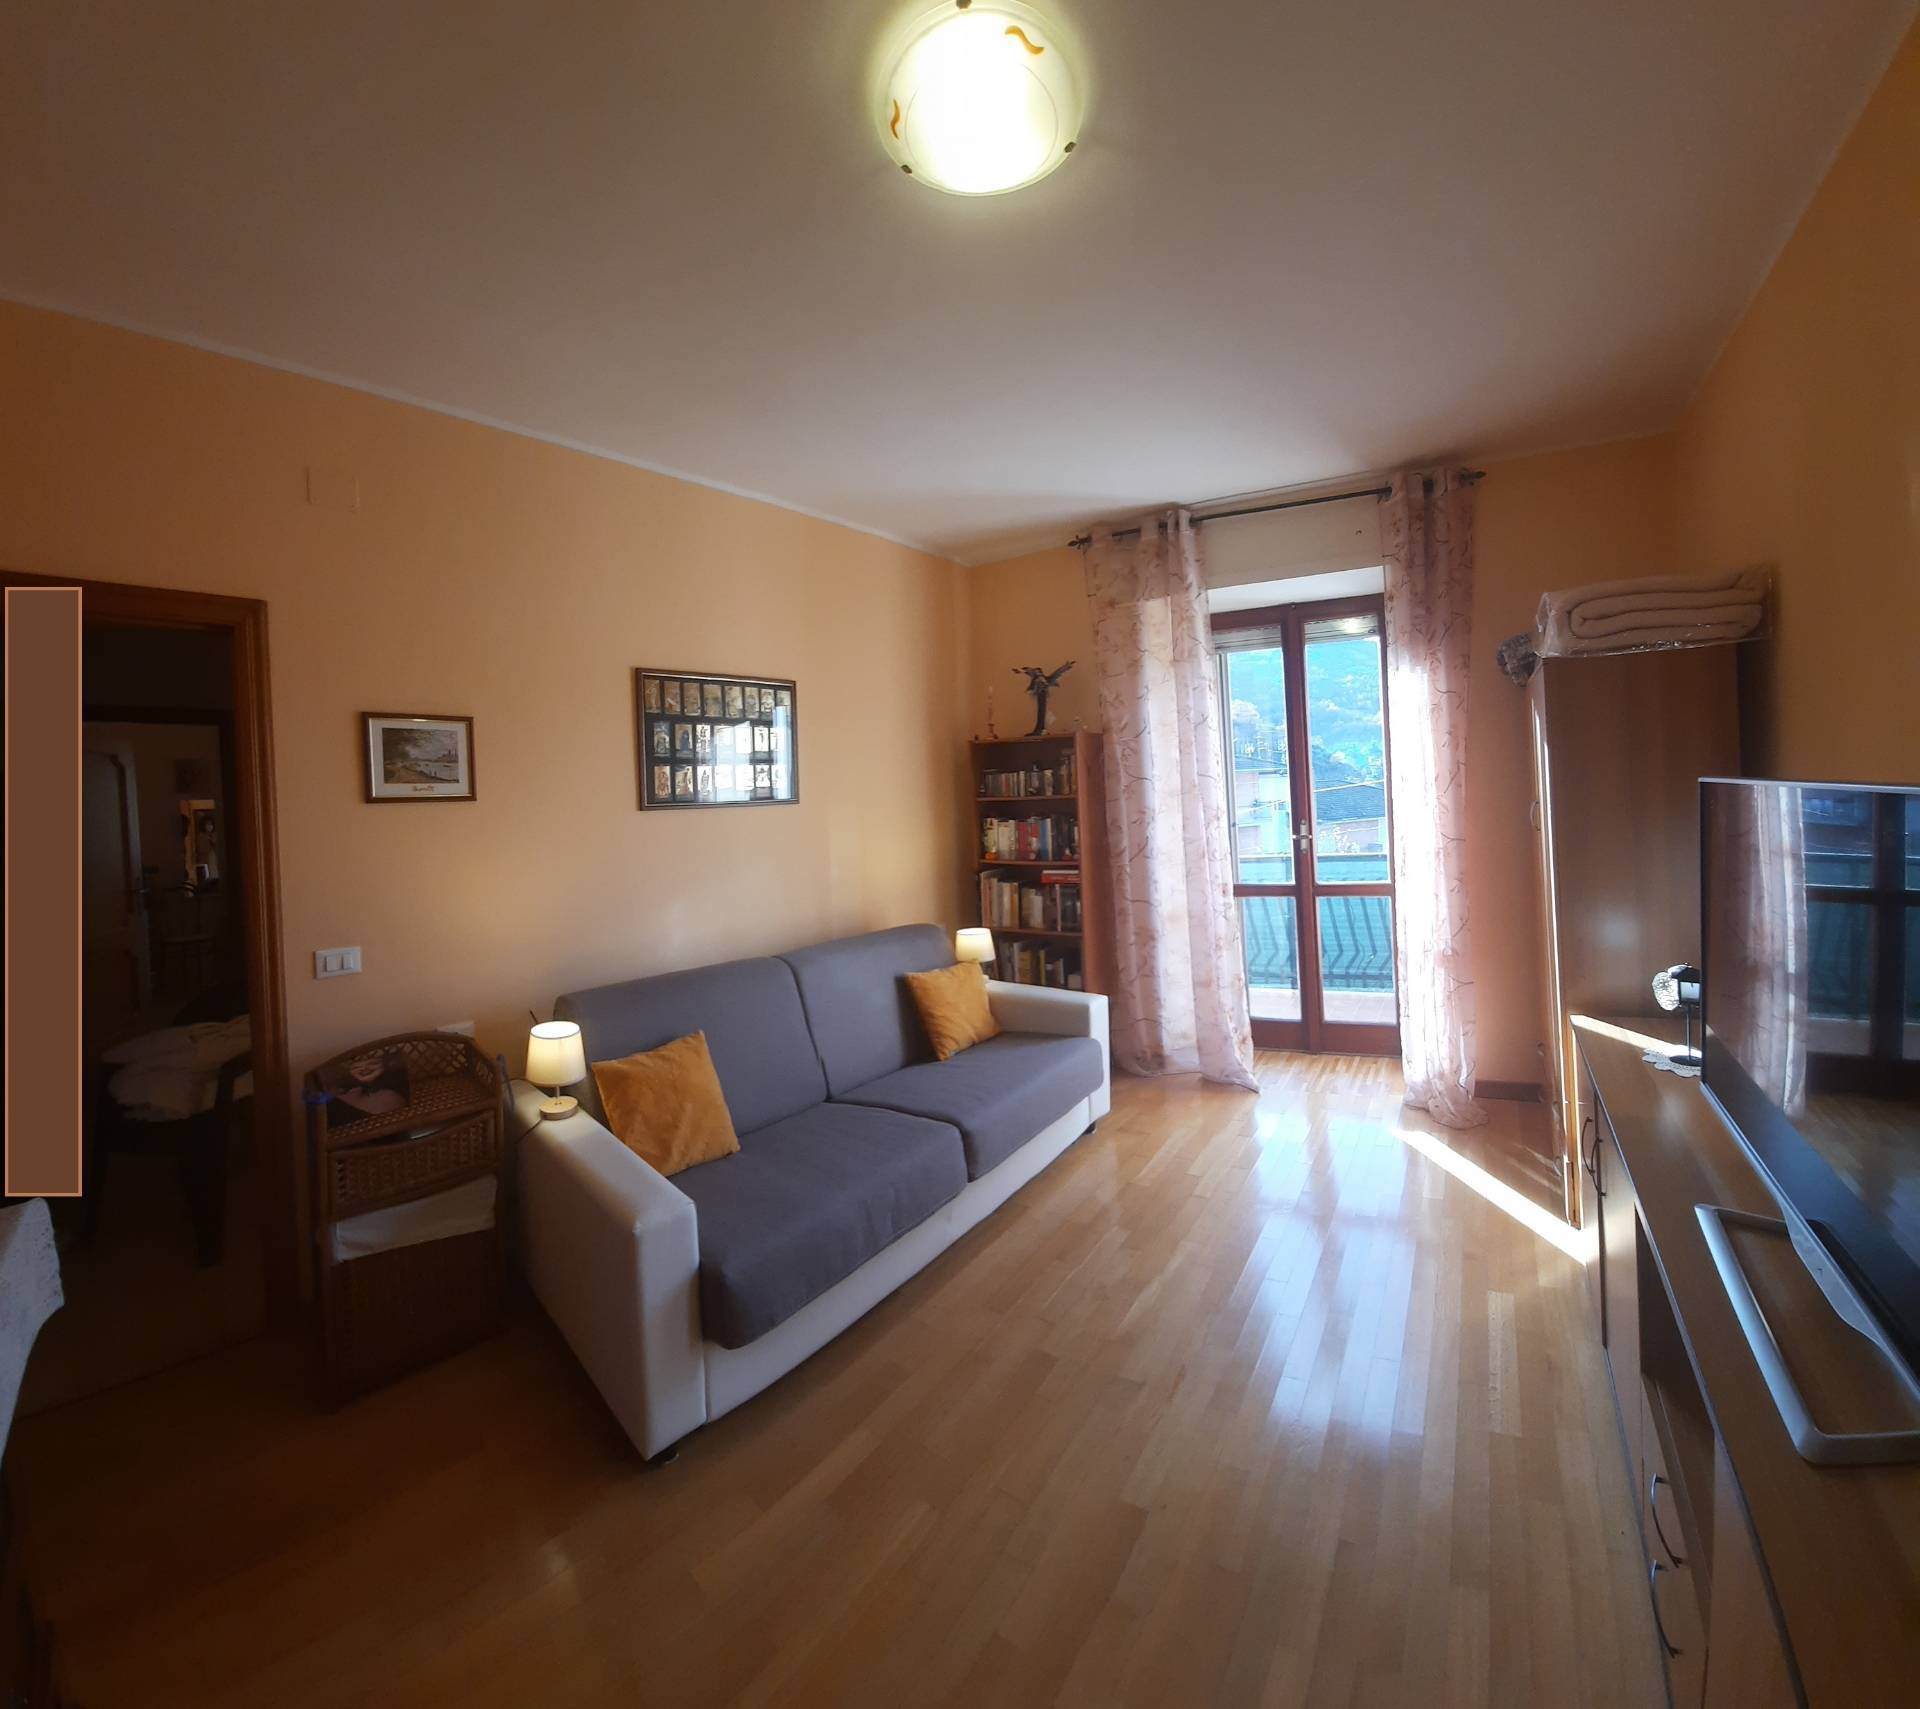 Casa indipendente in vendita a Castel Trosino, Ascoli Piceno (AP)